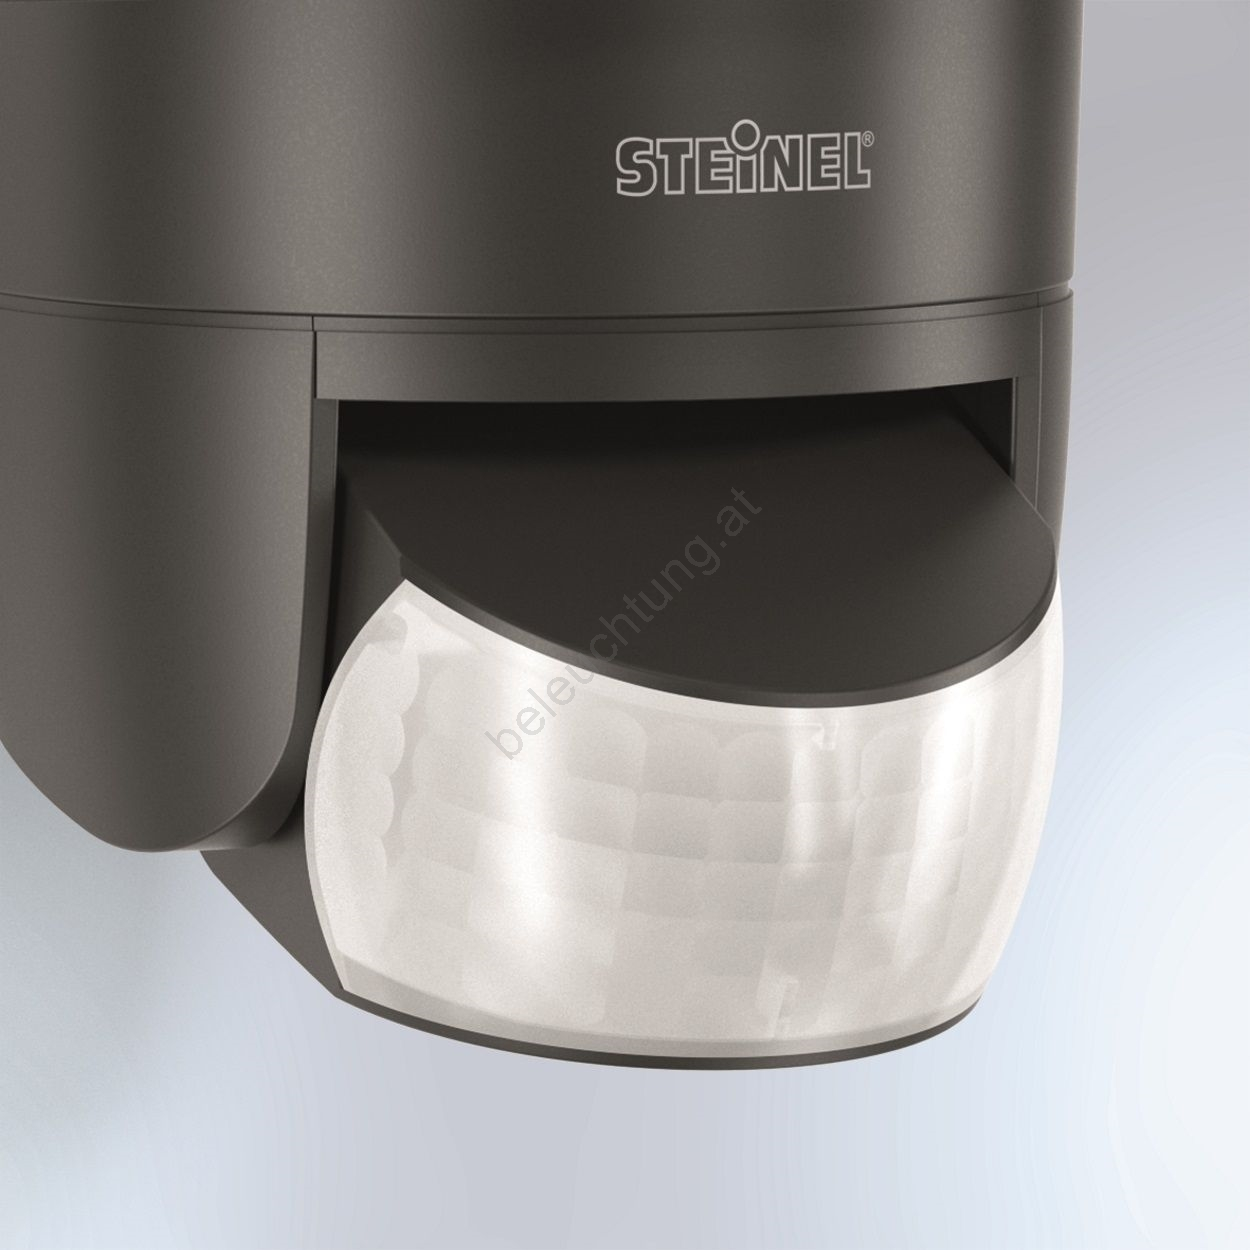 steinel 033064 led strahler mit sensor xled home 2 led 14 8w 230v beleuchtung. Black Bedroom Furniture Sets. Home Design Ideas